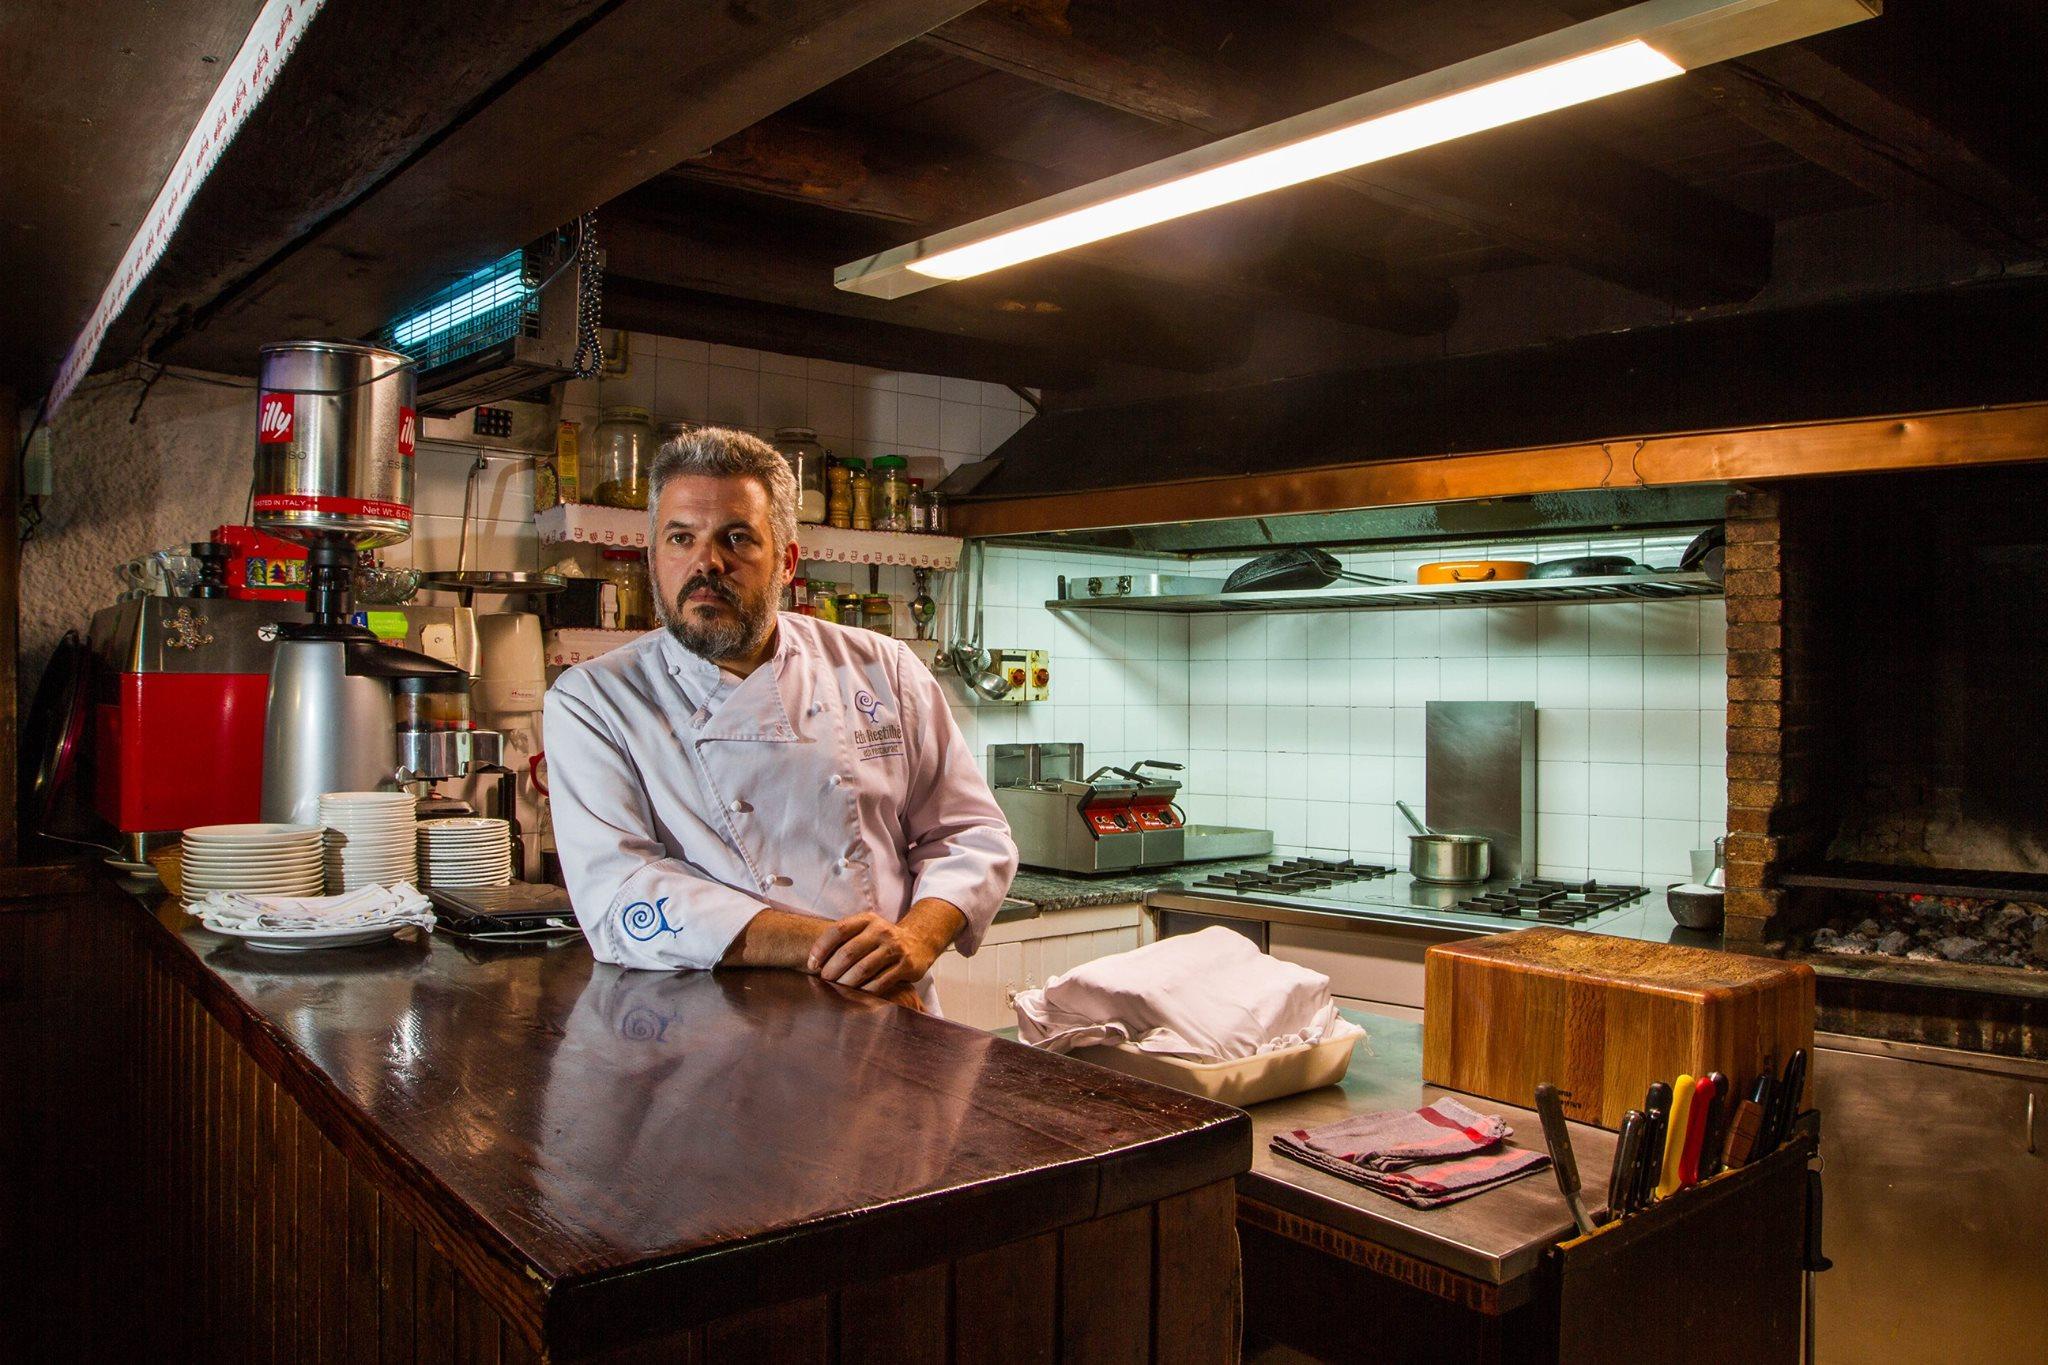 Desde hace más de 35 años, la familia Sanllehy-Caubet regenta este restaurante. Foto: Facebook Eth Restilhè